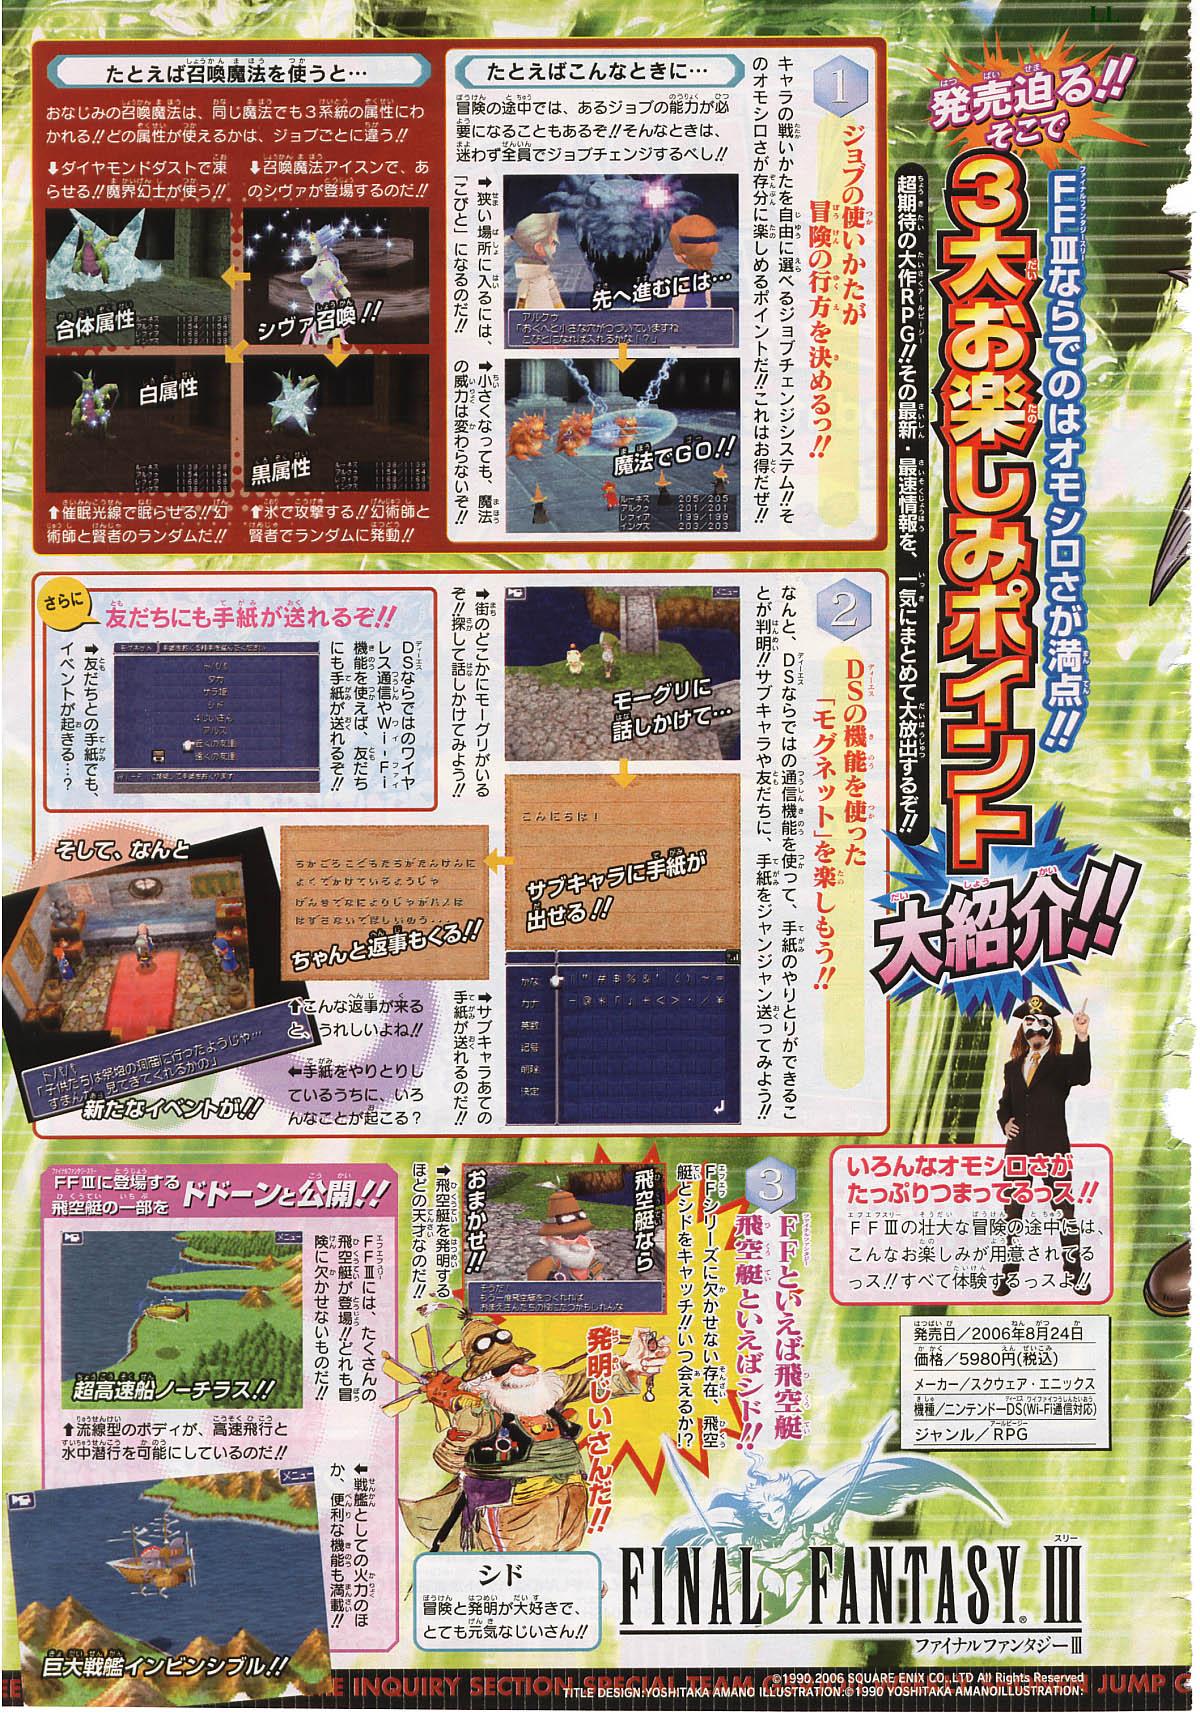 Final Fantasy III: Cid et invocations